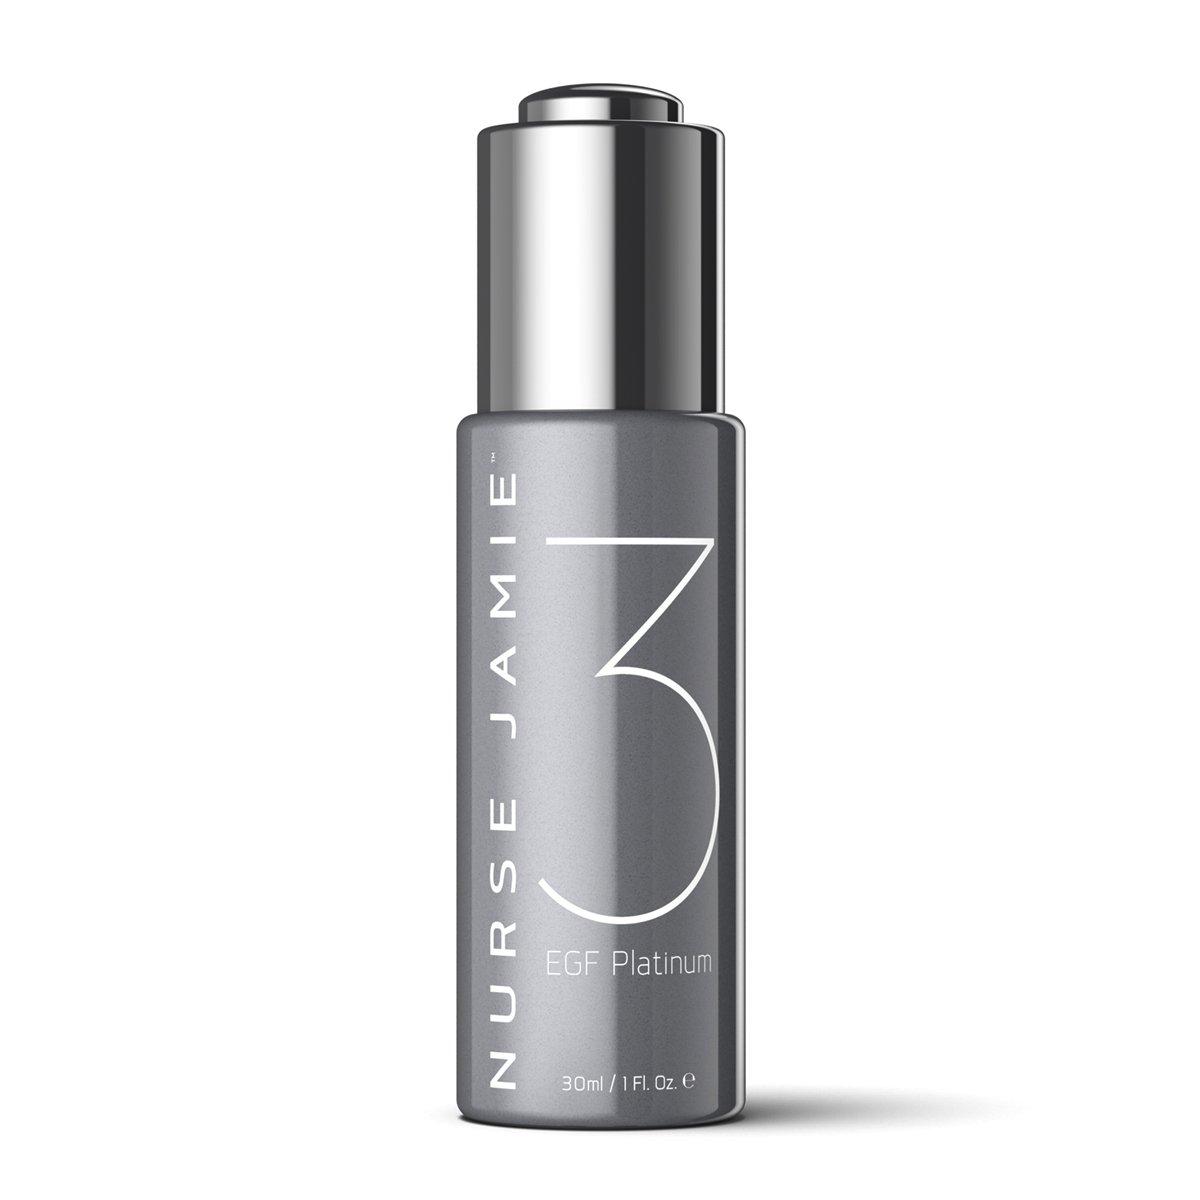 Nurse Jamie EGF Platinum 3 Restorative Facial Elixir, 1 Fl oz